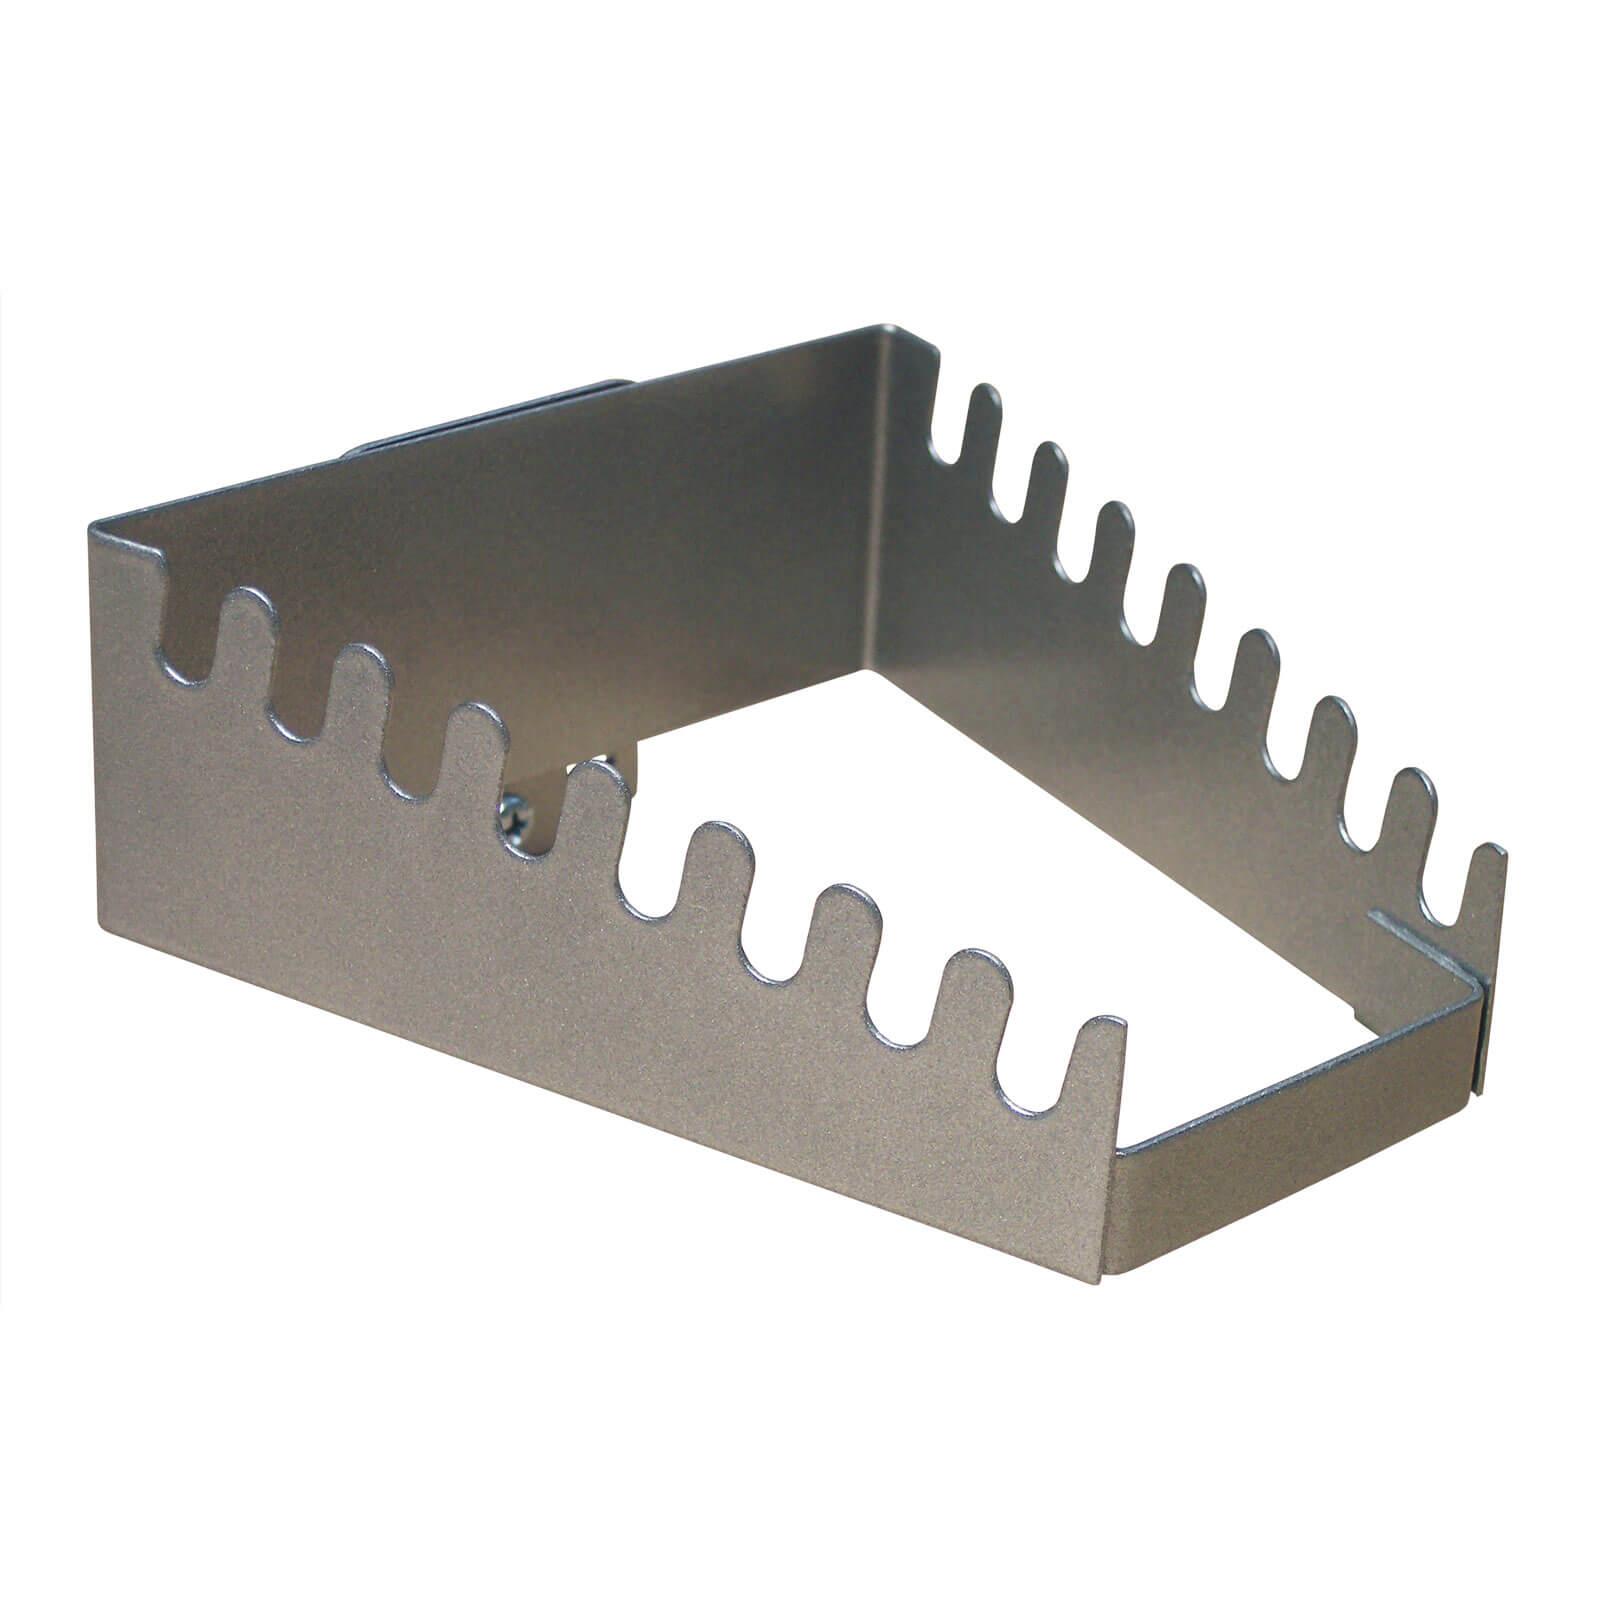 adb-betriebseinrichtungen ADB Lochwand Halter mit 8 Auflagen für Ring- Maulschlüssel var-Schraubenschluesselhalter